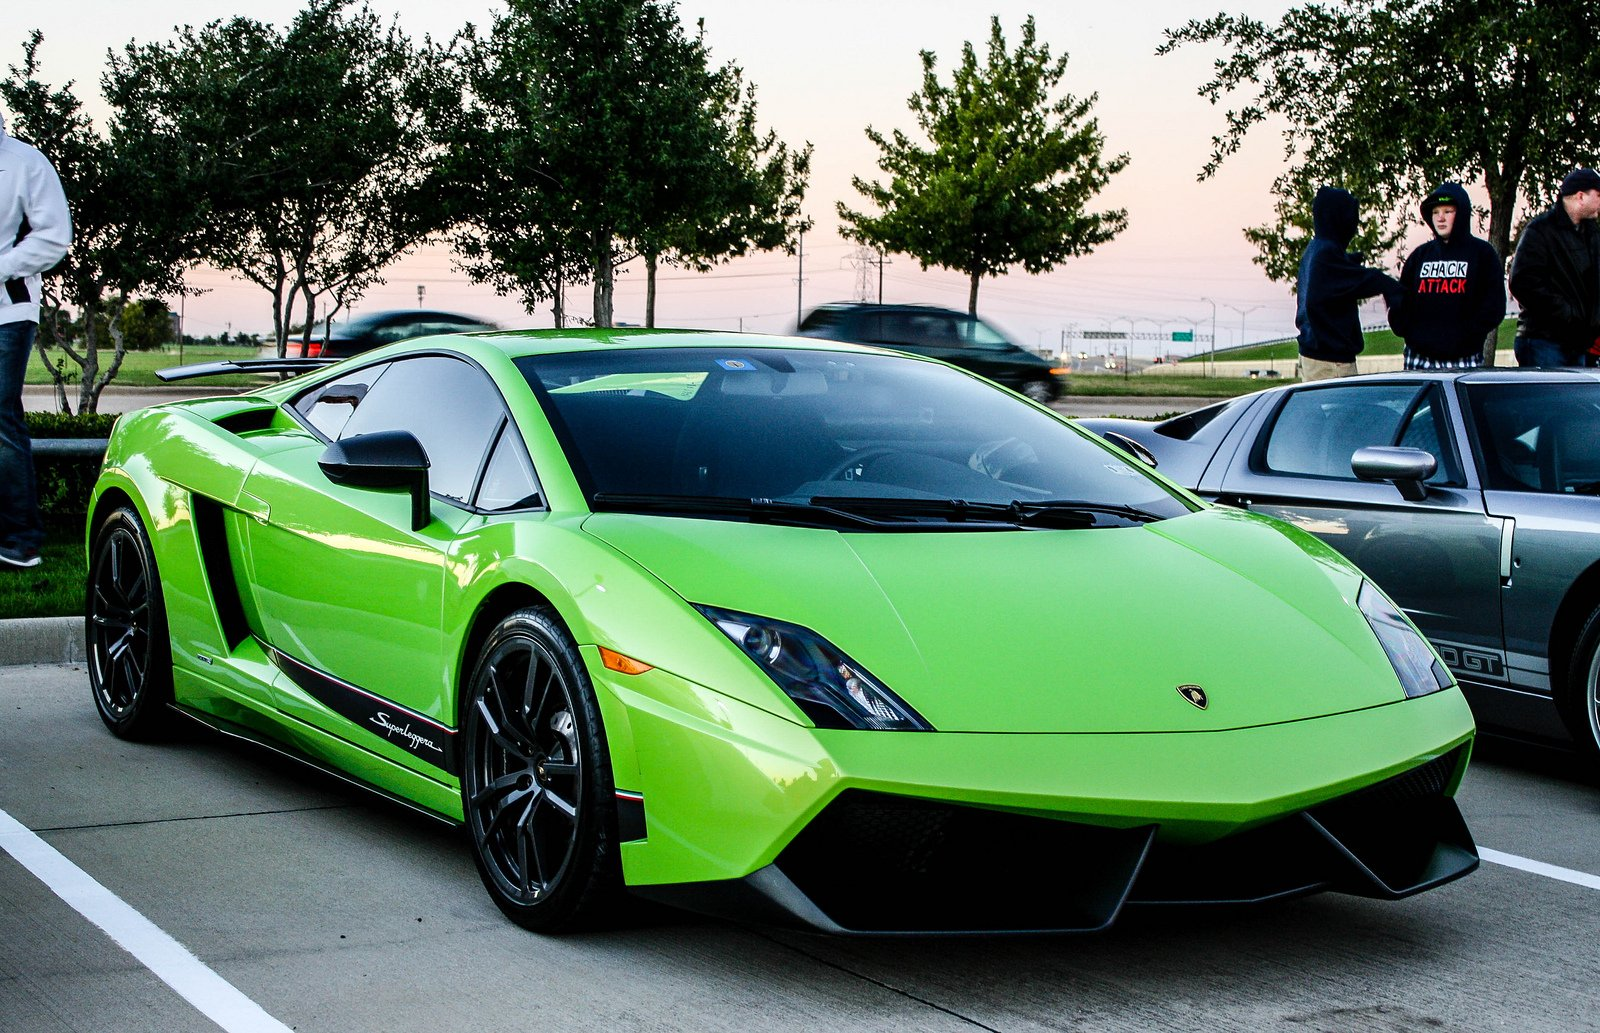 lamborghini gallardo lp570 4 superleggera italian dreamcar supercar exotic sportscar vert green verde wallpaper 1600x1033 404755 wallpaperup - Lamborghini Gallardo Superleggera Wallpaper